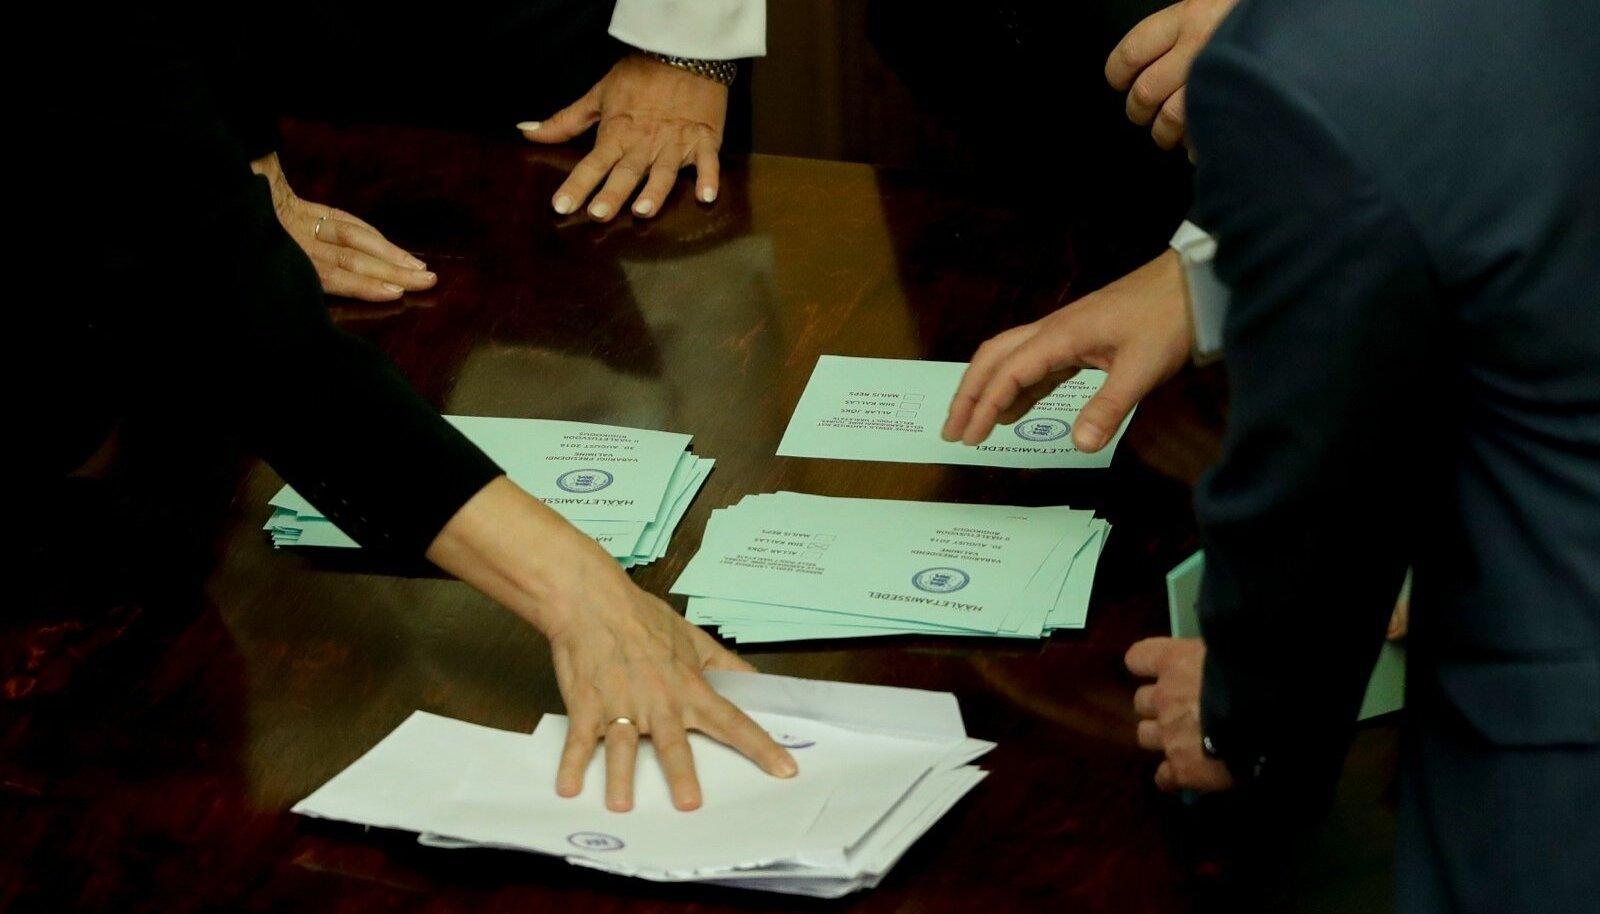 Пересчет голосов. Голосование в Рийгикогу. 2016